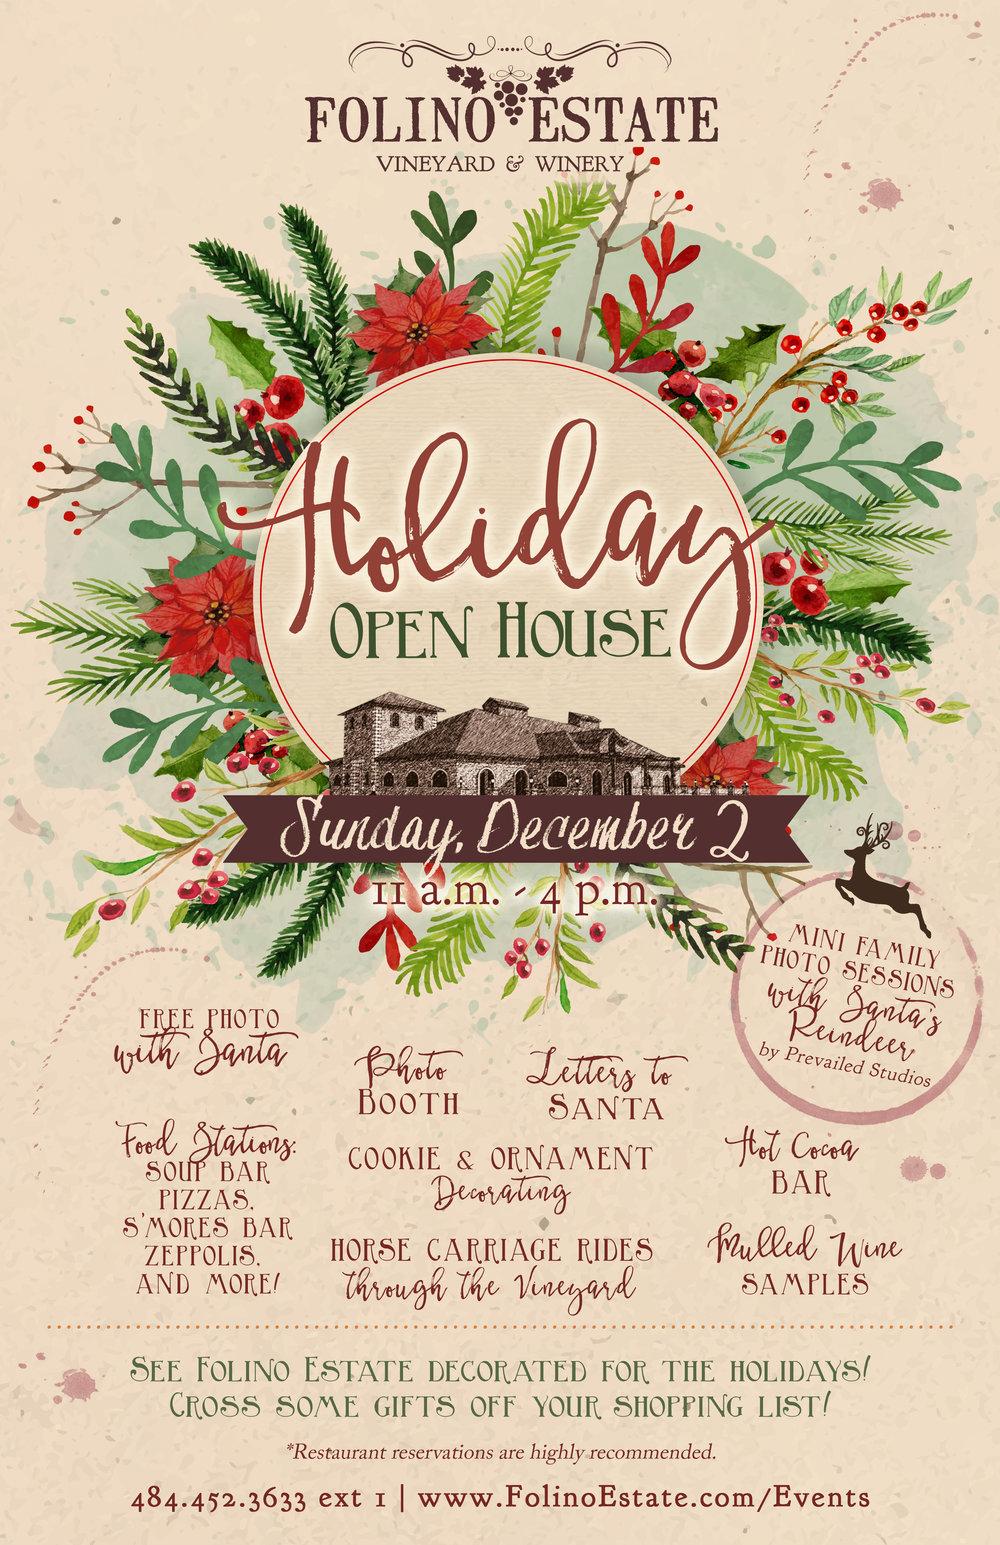 HolidayOpenHouse-2018.jpg